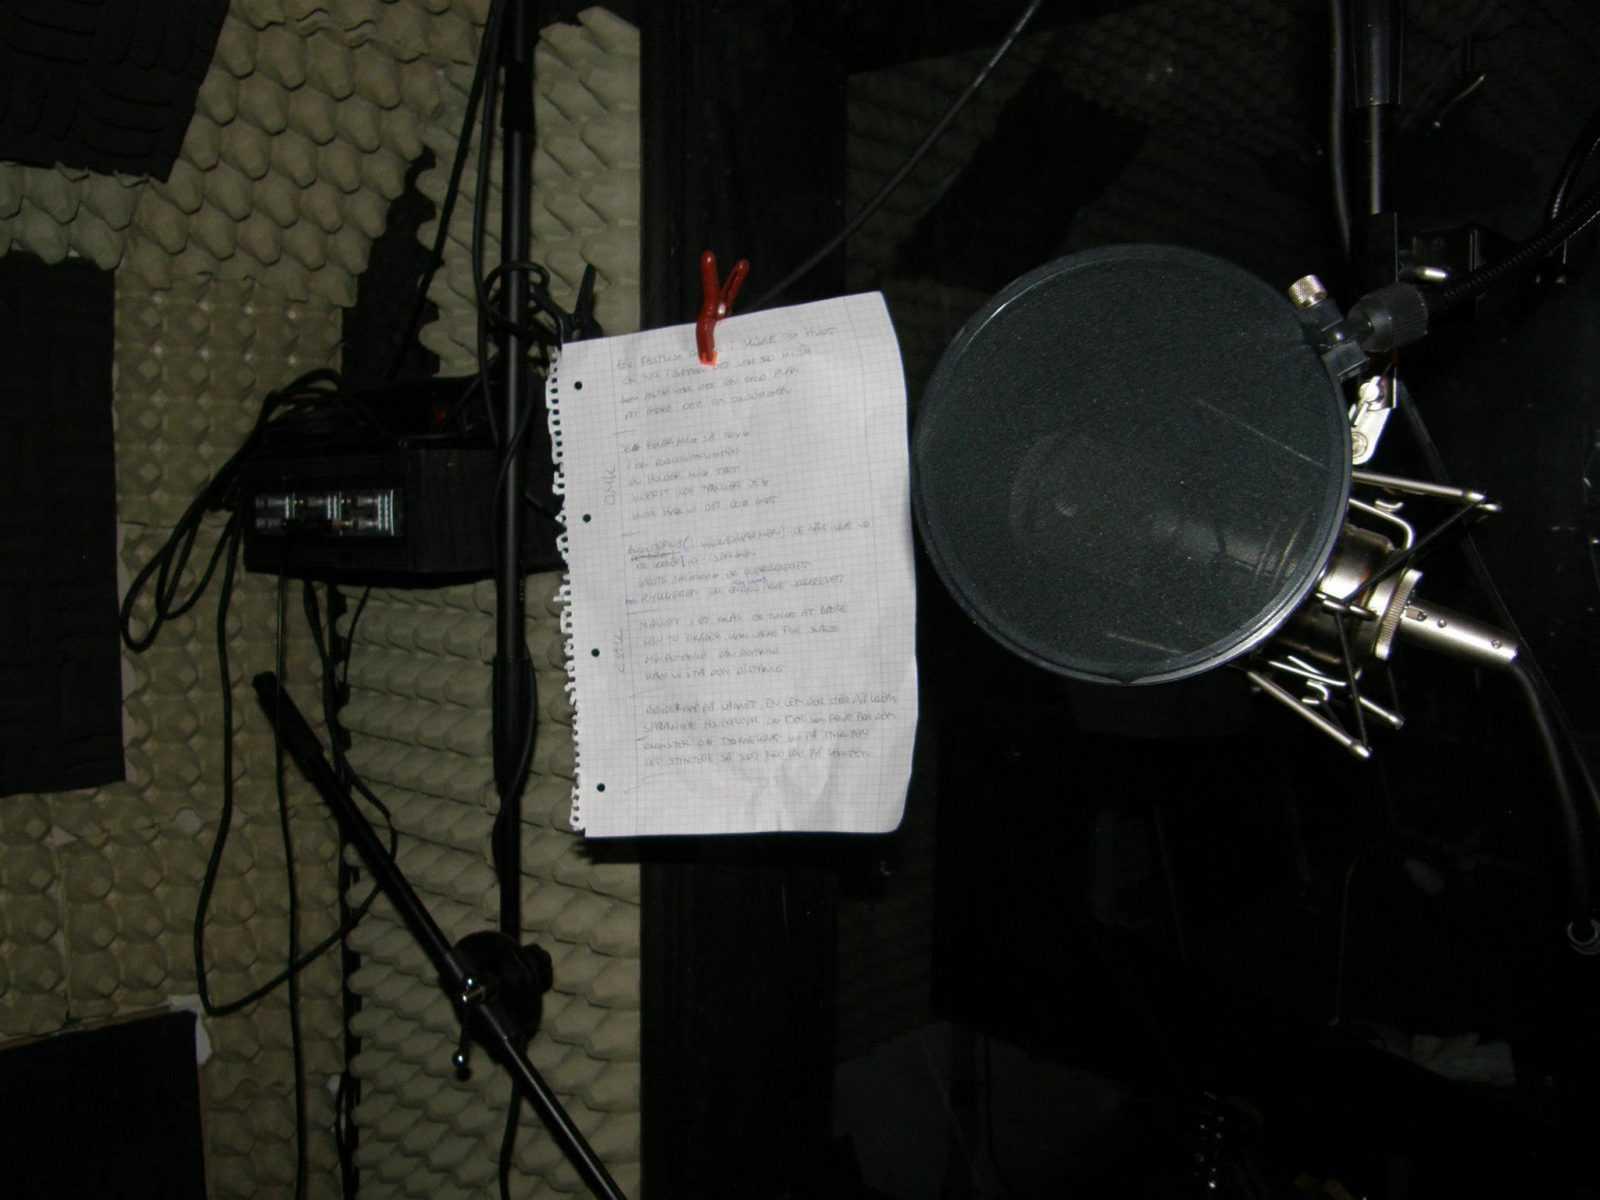 BBC 20 220712 034 - 20-22/7 2012